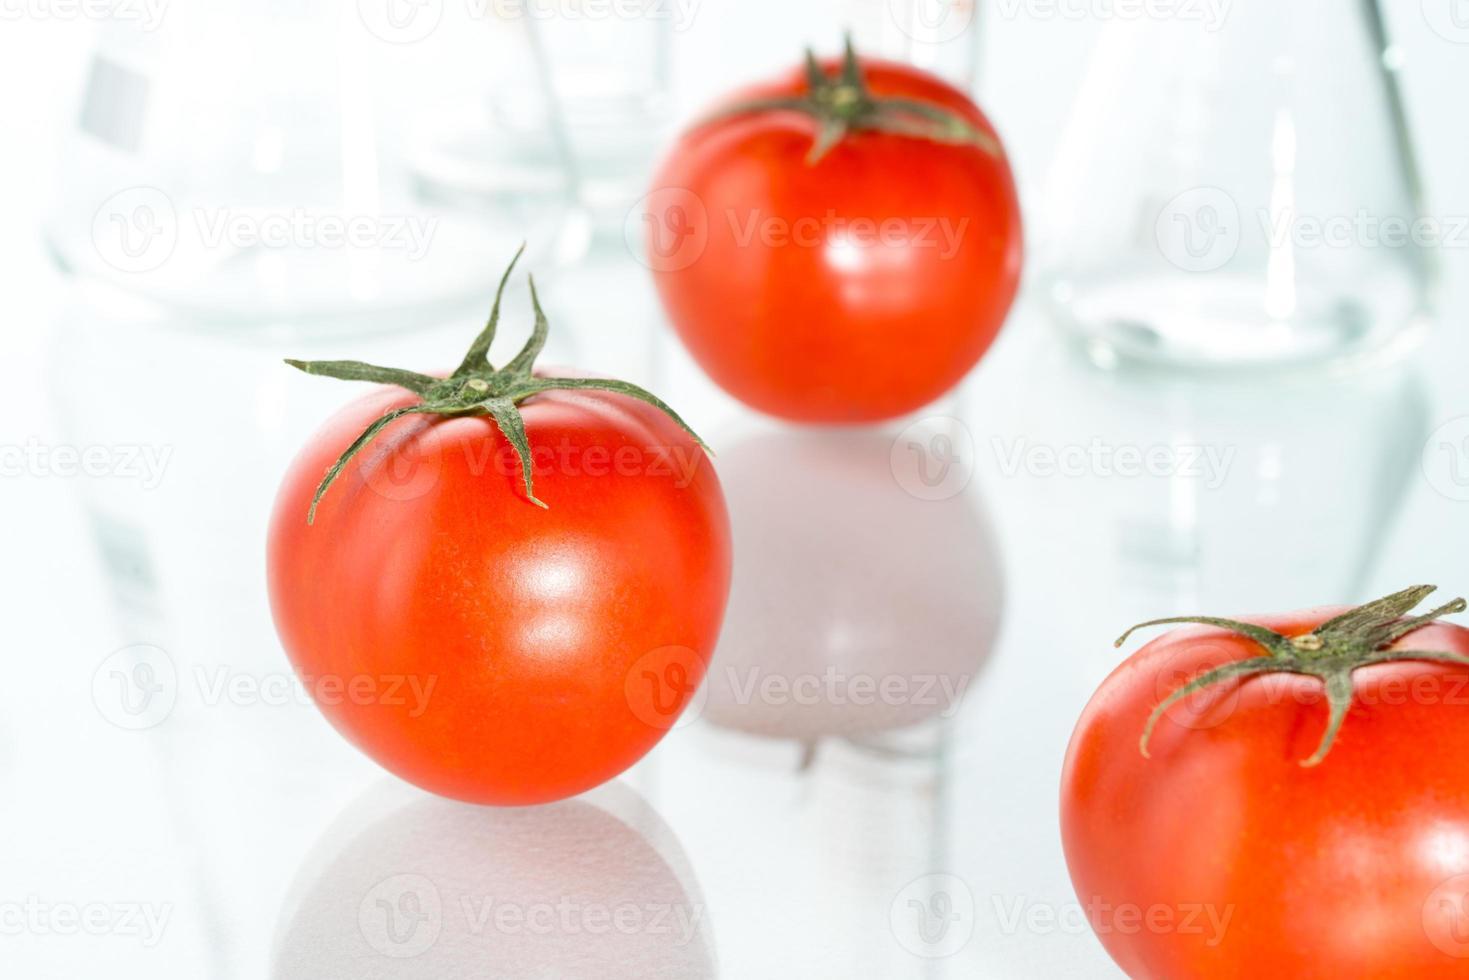 modificación genética vidrio de laboratorio de tomate rojo sobre blanco foto